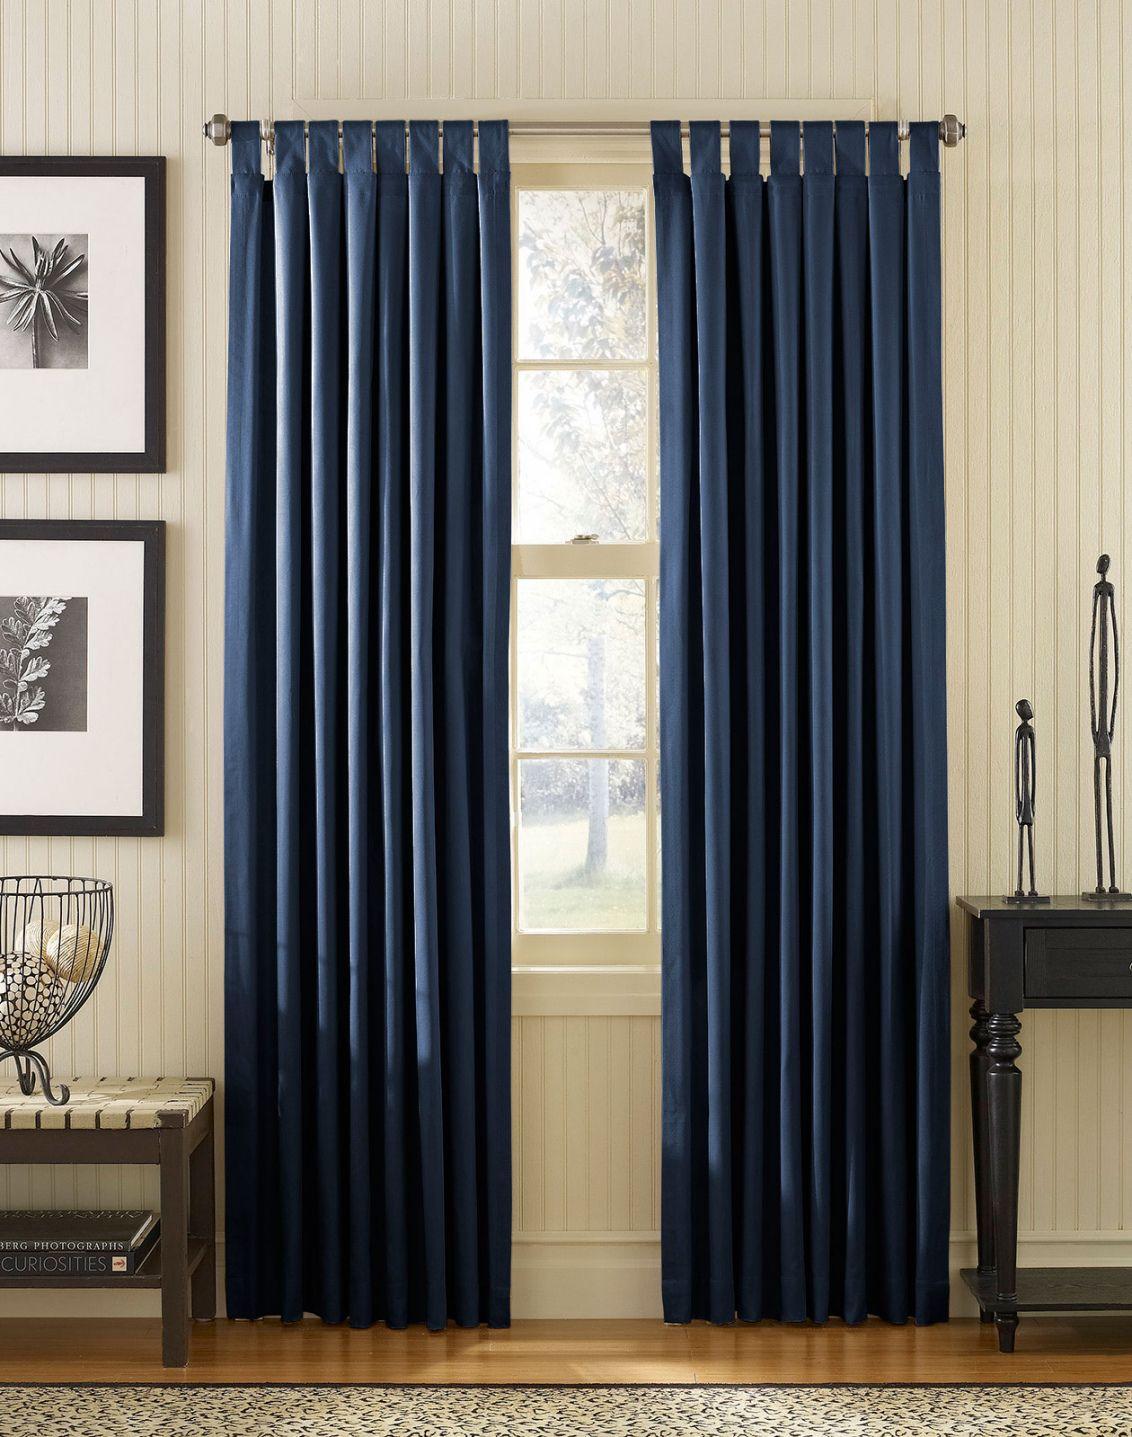 Attirant Navy Blue Bedroom Curtains   Bedroom Closet Door Ideas Check More At Http://